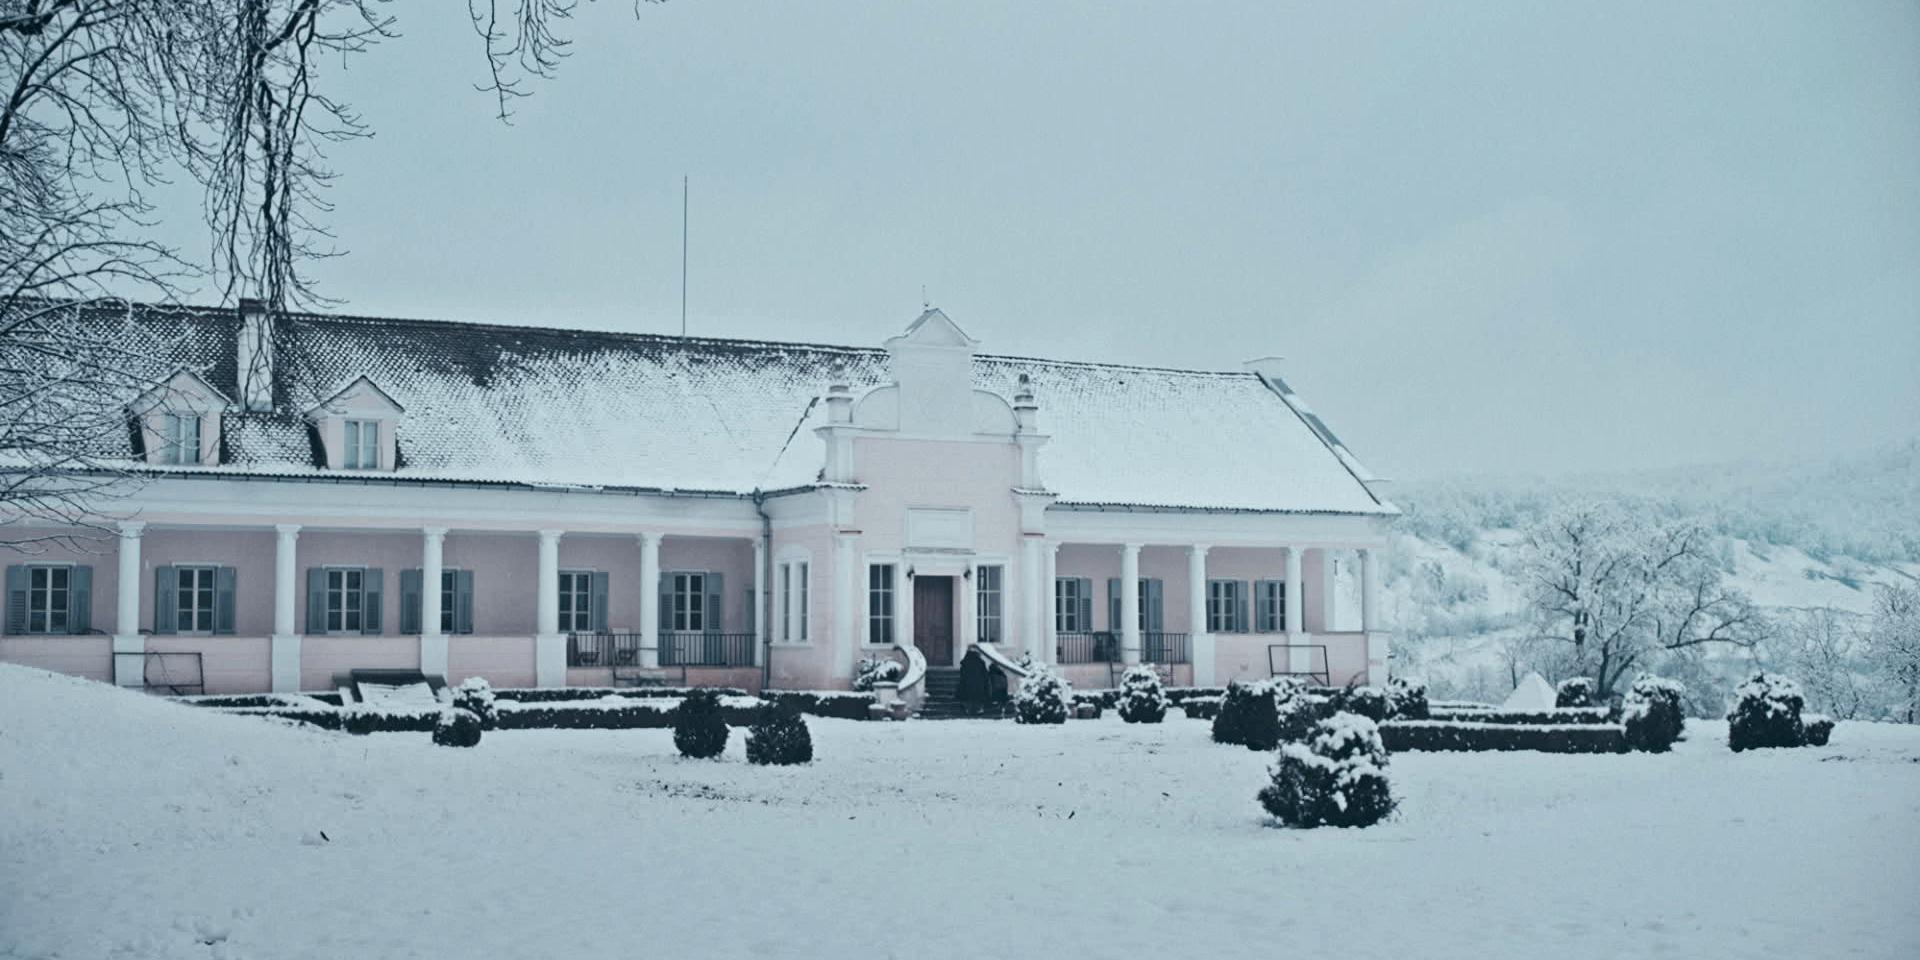 Malmkrog, cel mai recent film al lui Cristi Puiu, lansat la Festivalul Internațional de Film de la Berlin